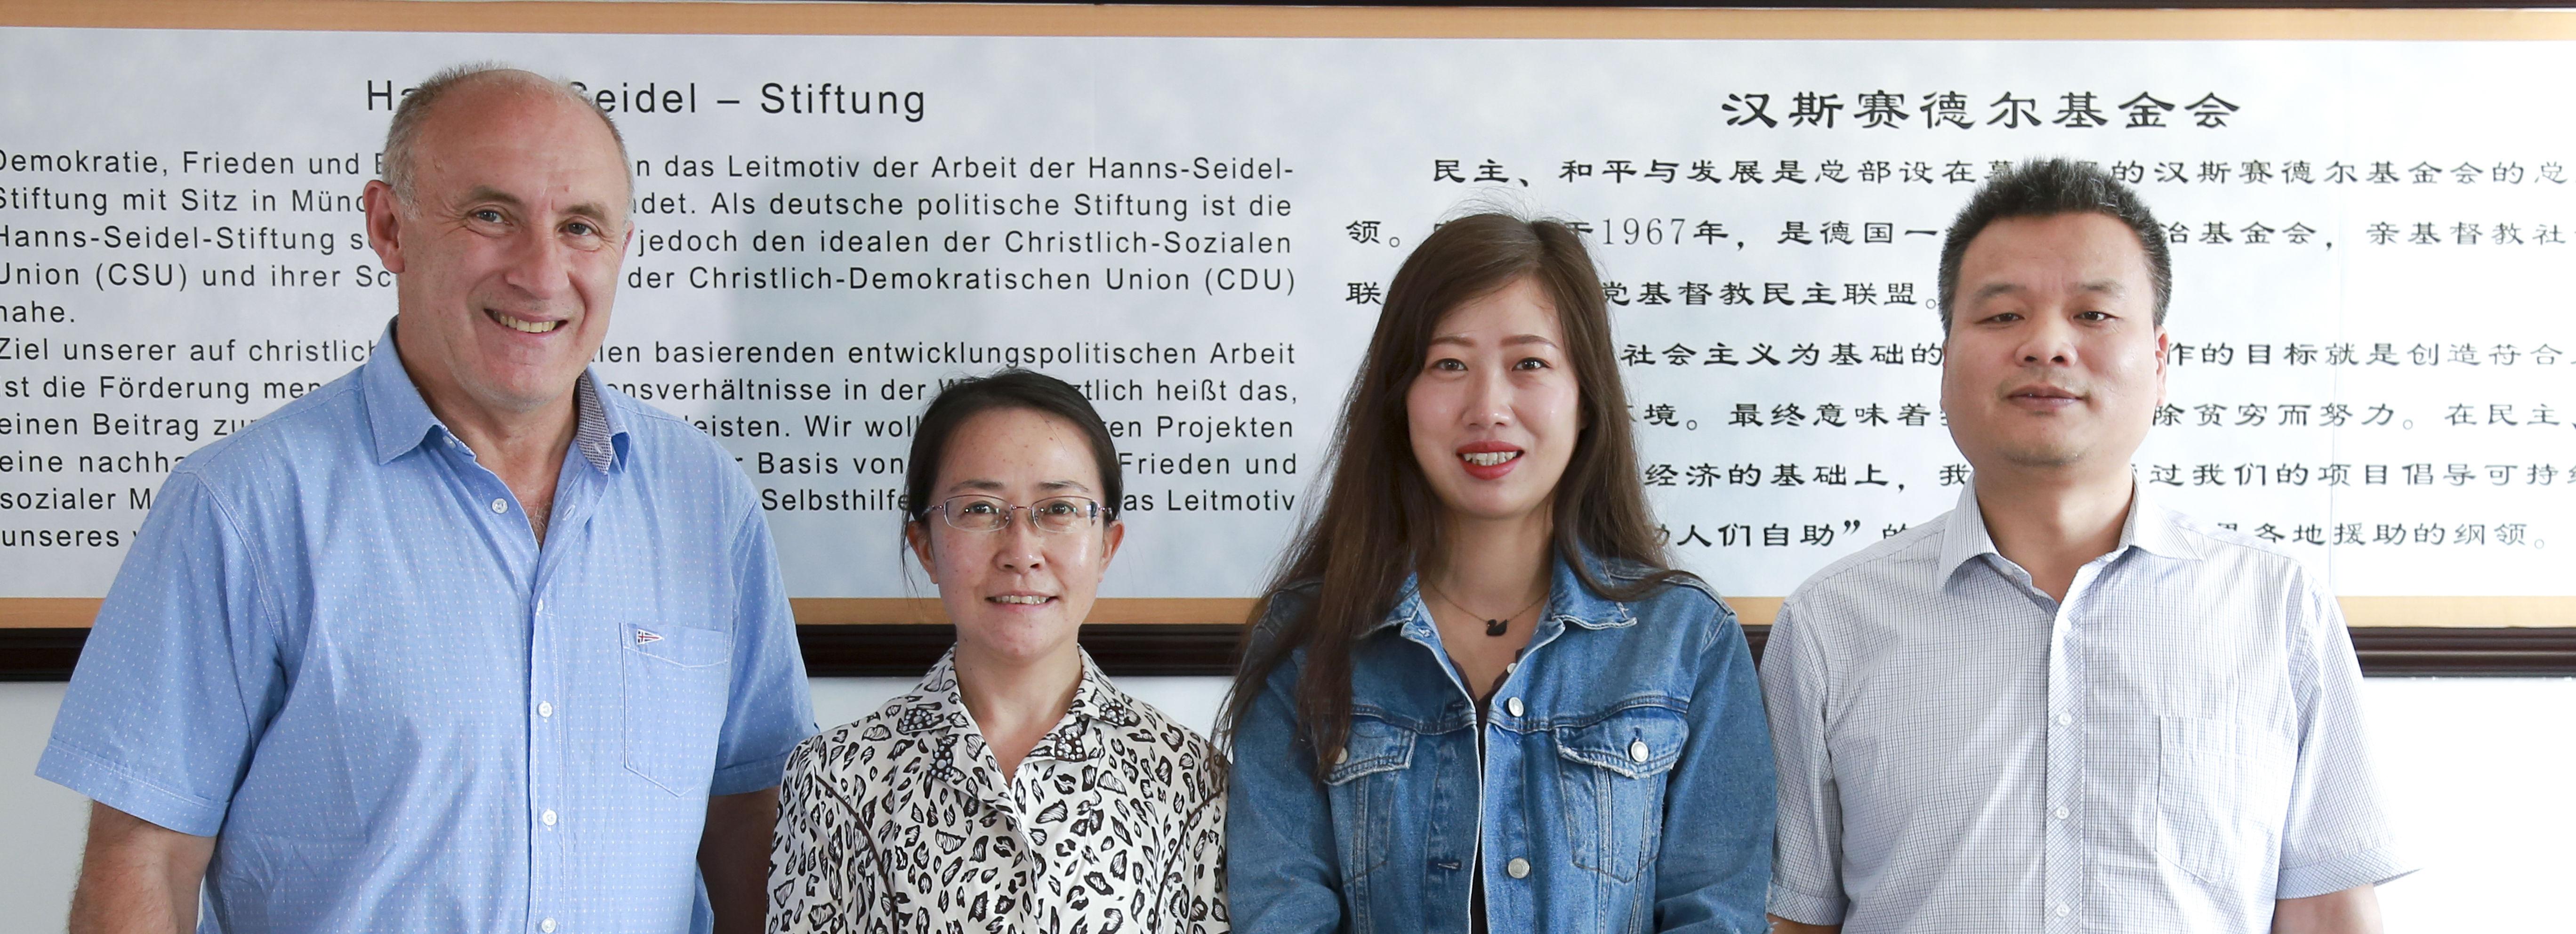 Sepp Bremberger, TIAN Xierong, CHEN Rui, CUI Qinghua